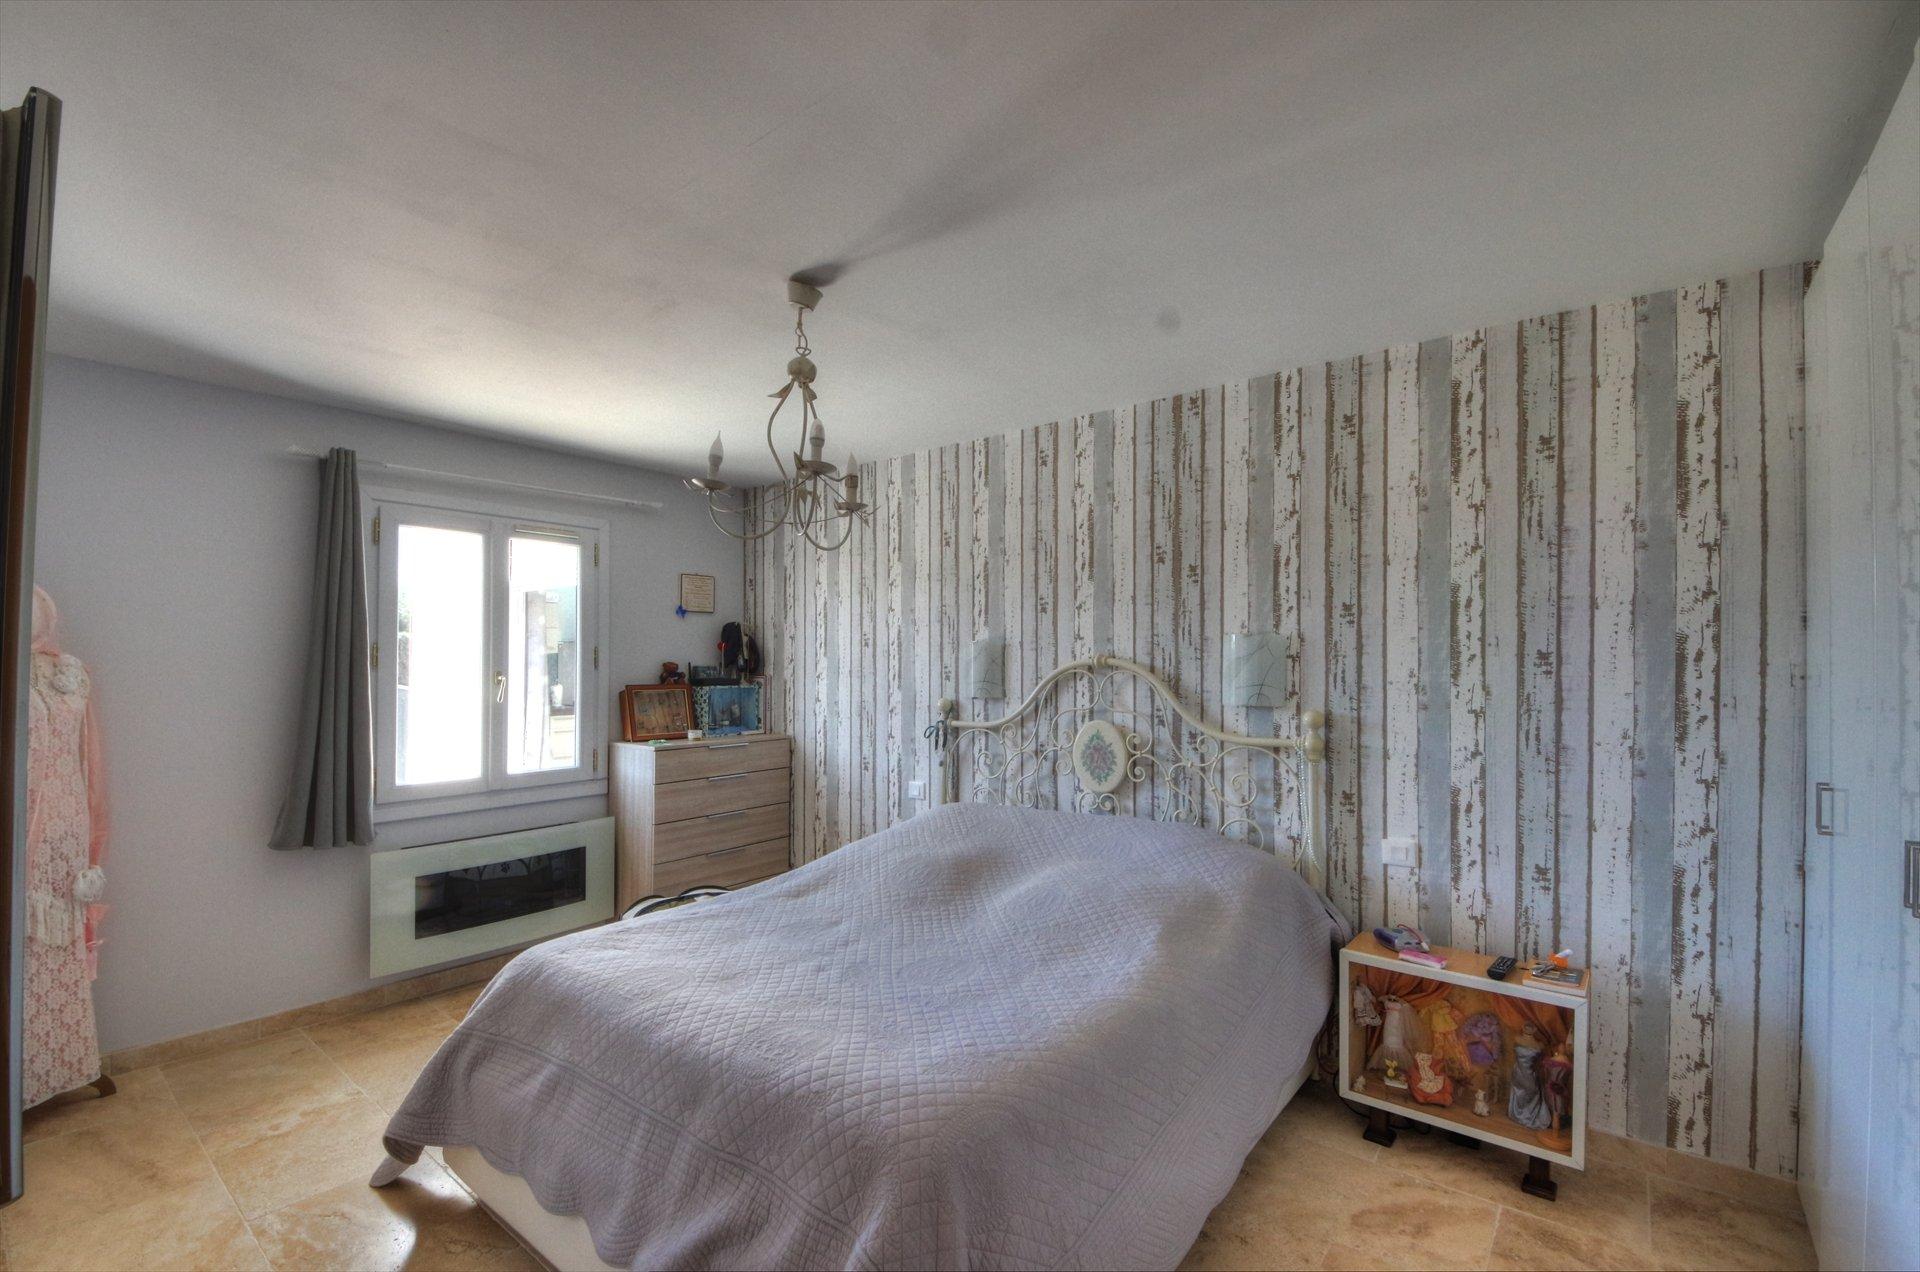 Chambre avec salle de douche - maison provencale Verdon Var